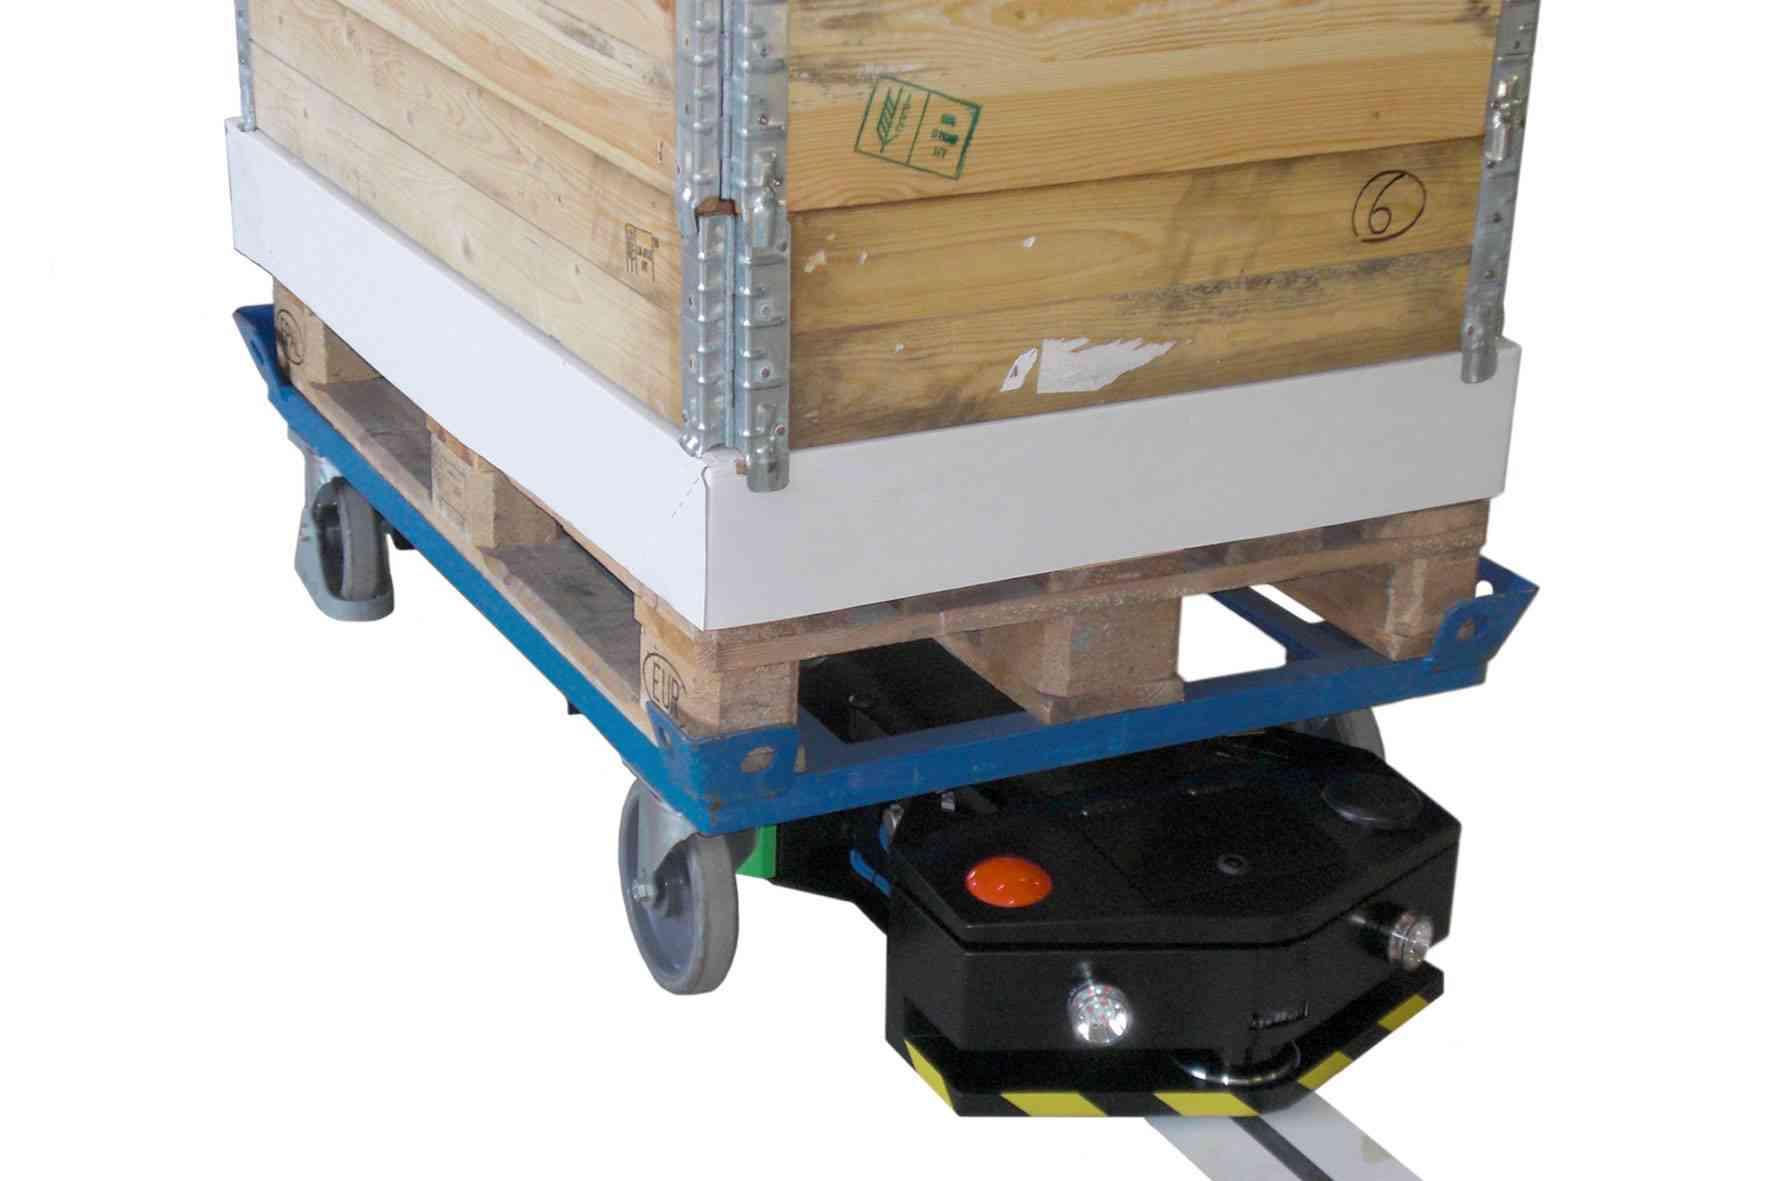 elektrický automaticky vedený tahač agv1000-underrider takto vjede pod přepravní vozík s nákladem, uchytí ho a automaticky následuje vyznačenou trasu